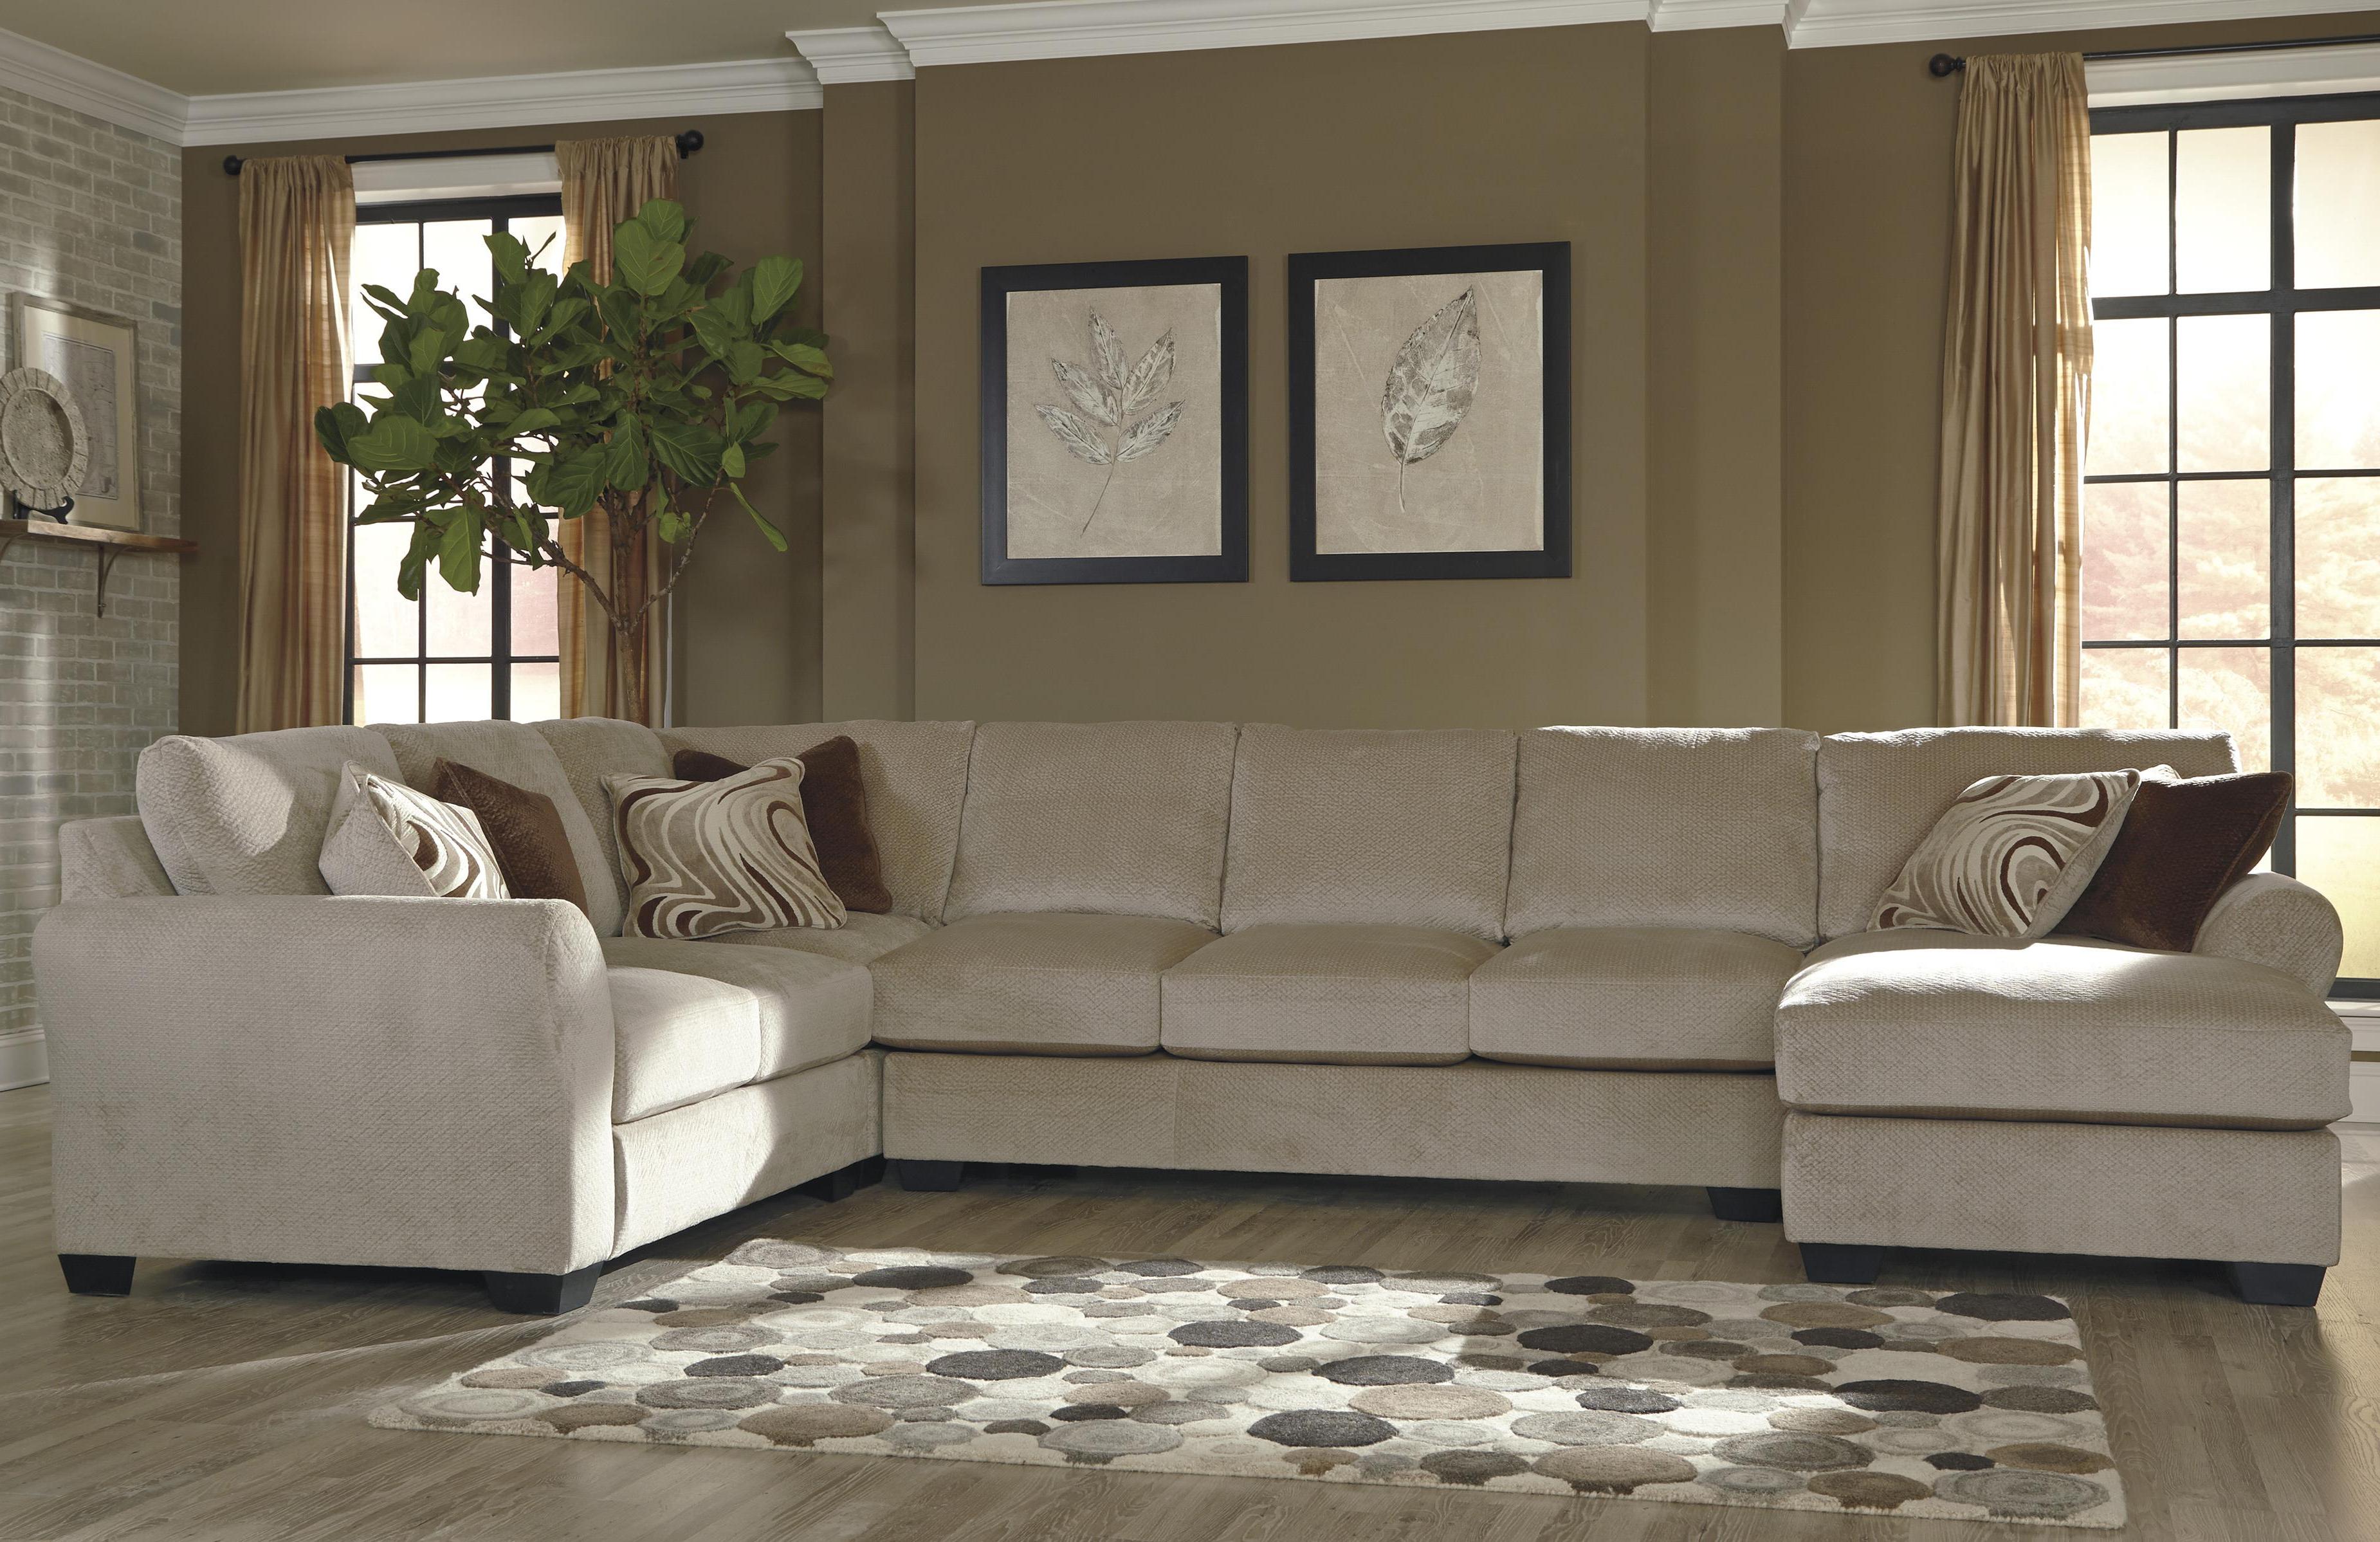 Baci Living Room (View 9 of 20)